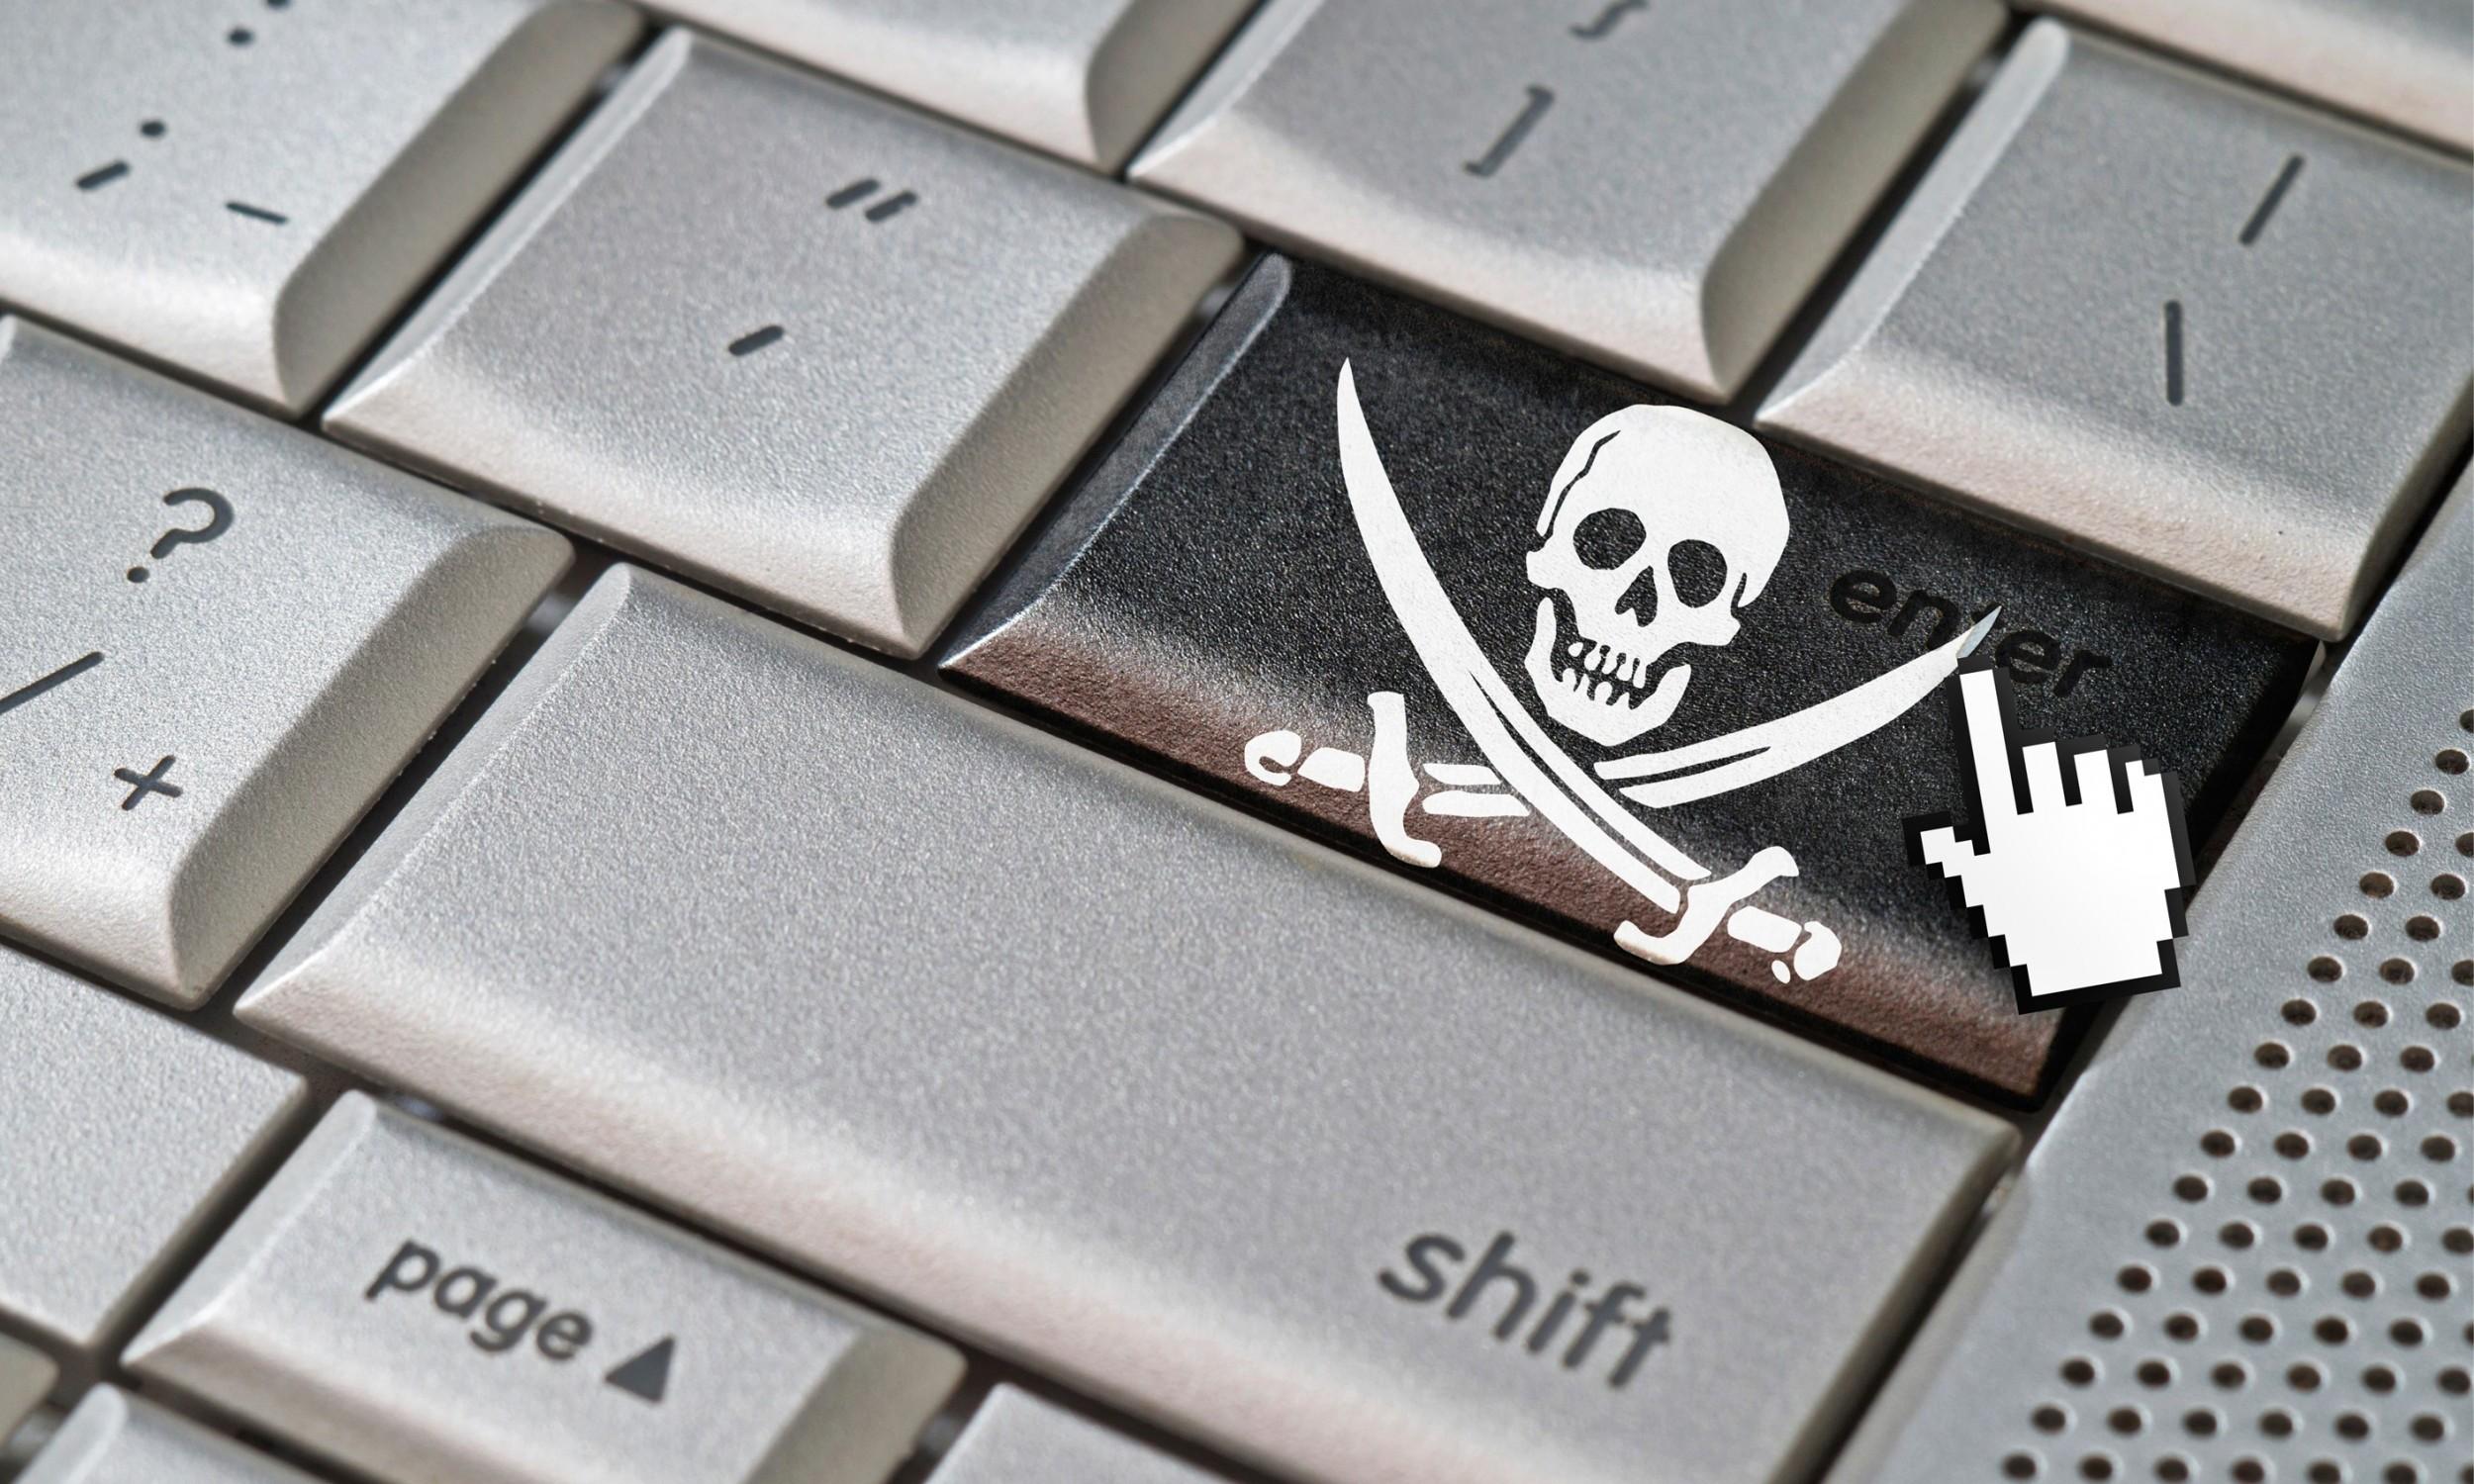 Данные исследования: web-пиратство растёт по всему миру | Mediasat